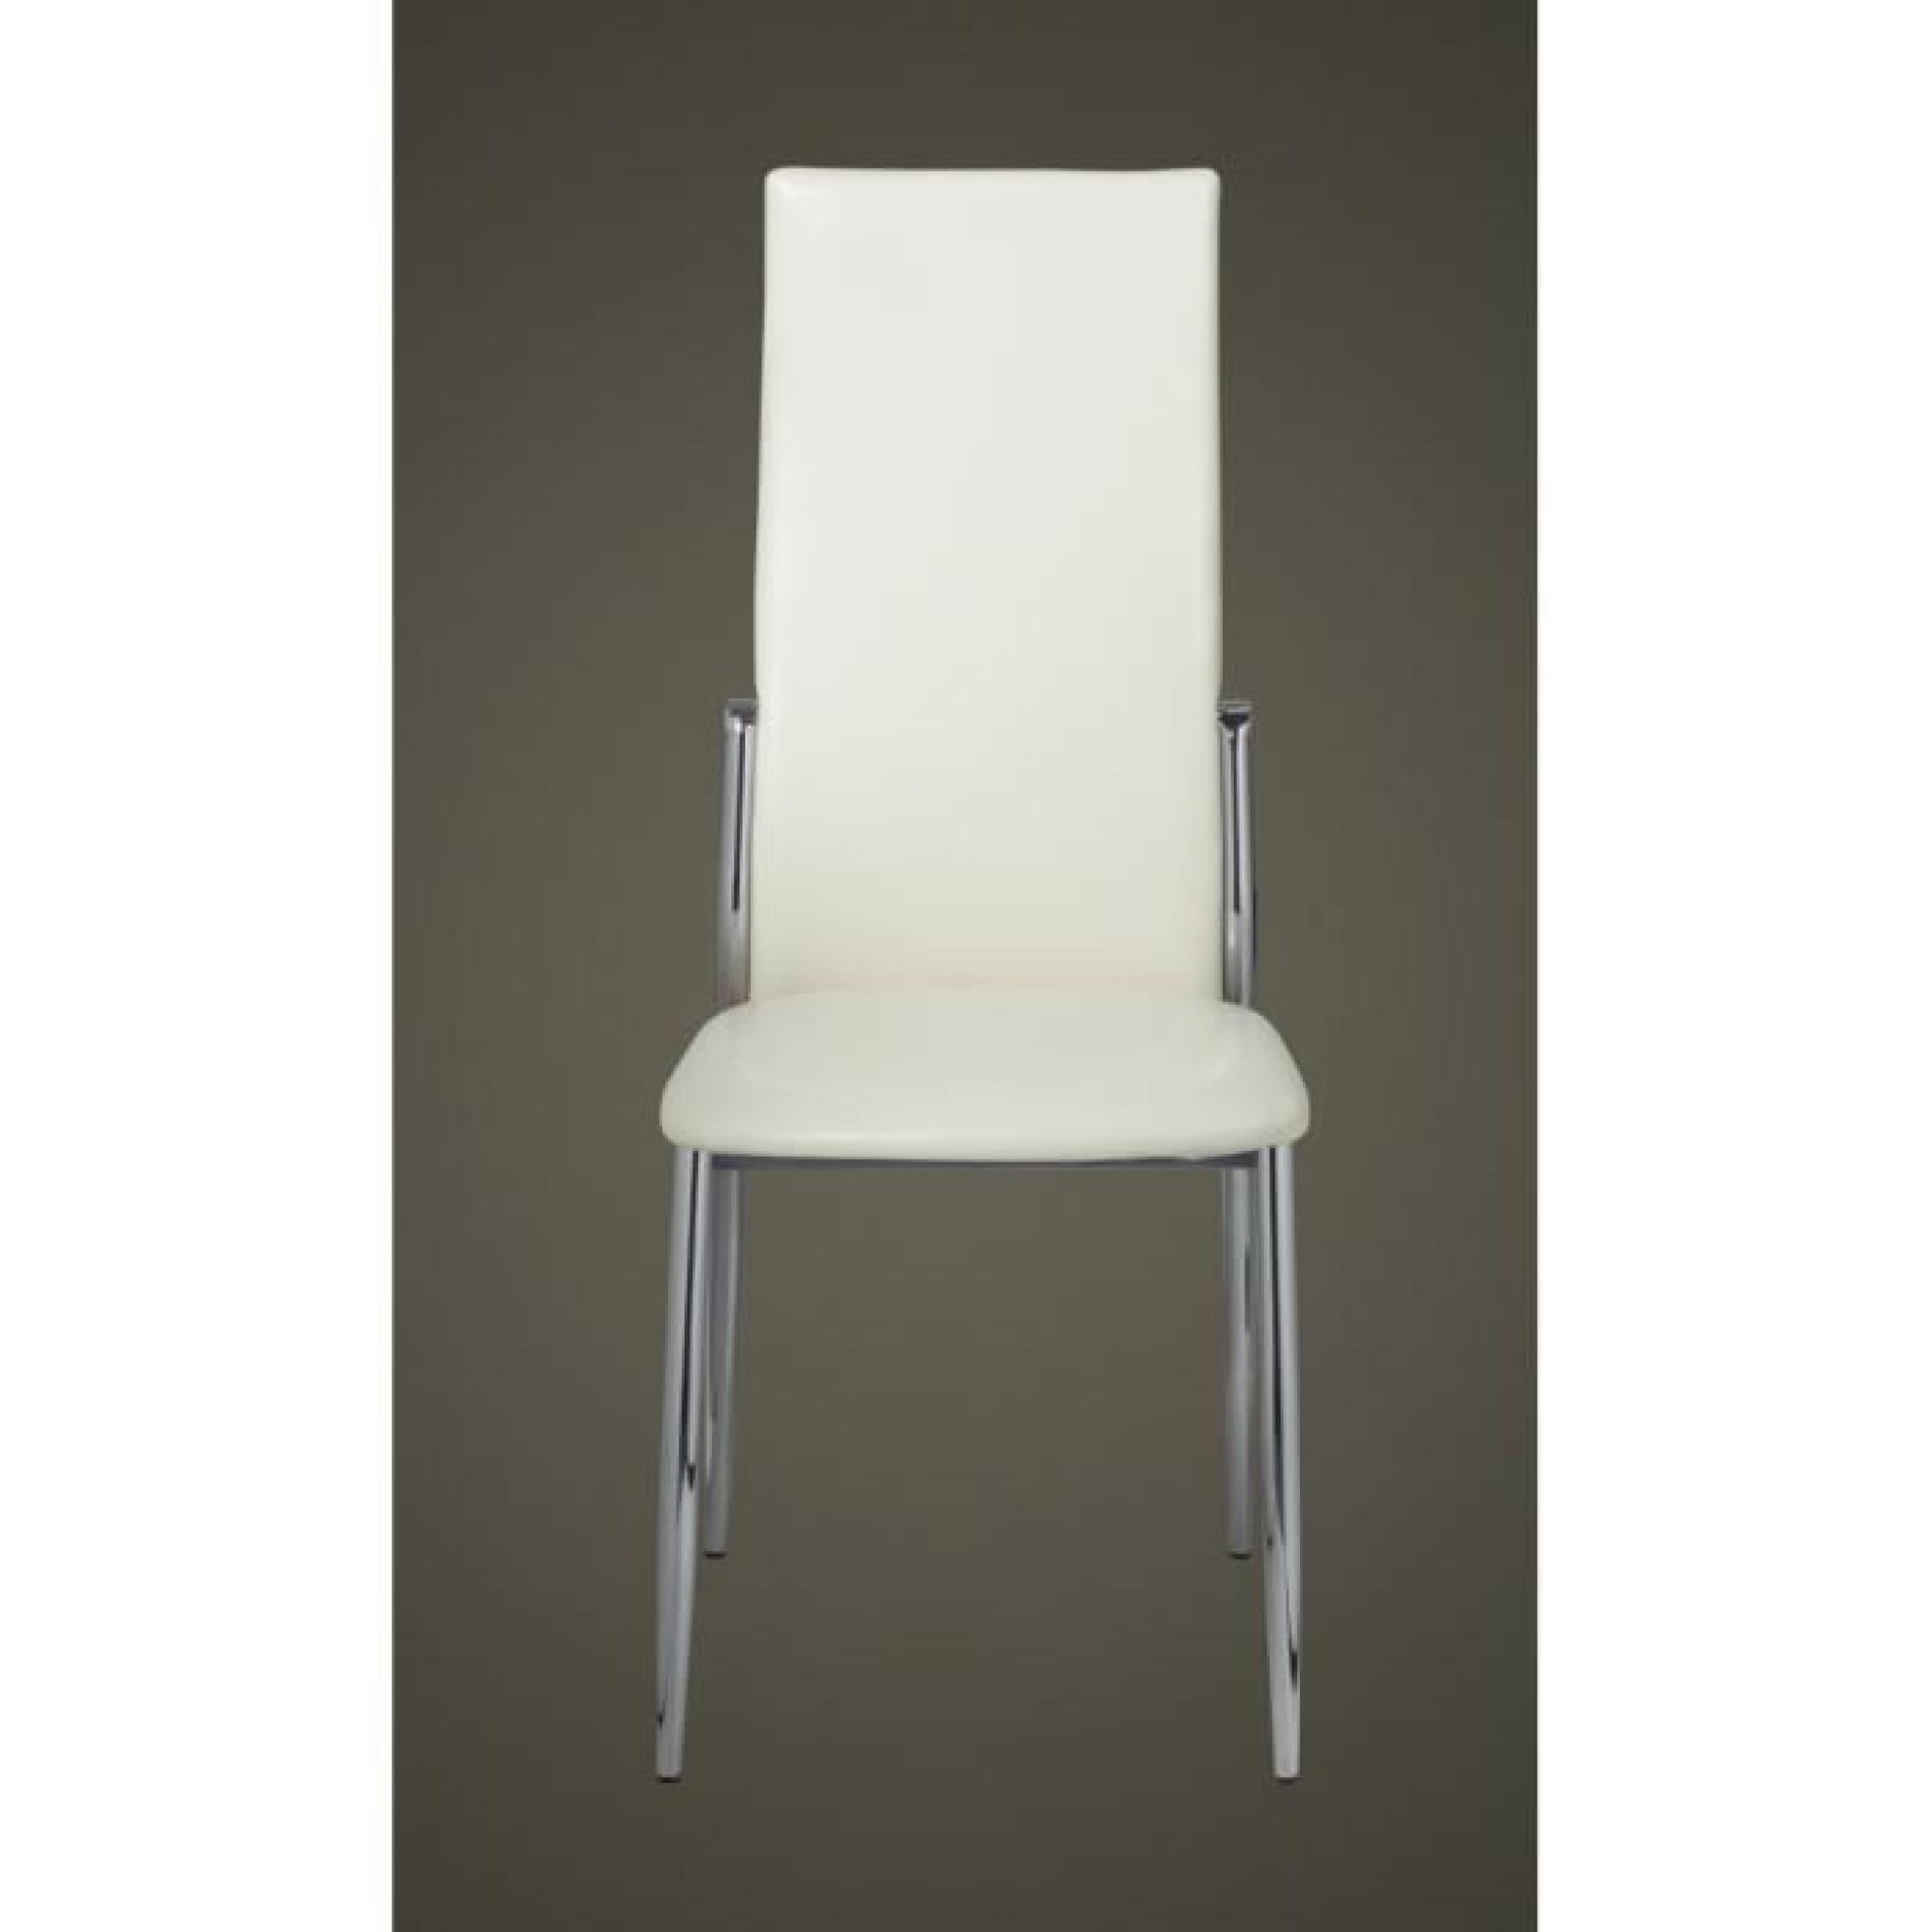 2 chaises de salle manger alu achat vente chaise salle a manger pas cher - Acheter des chaises pas cher ...